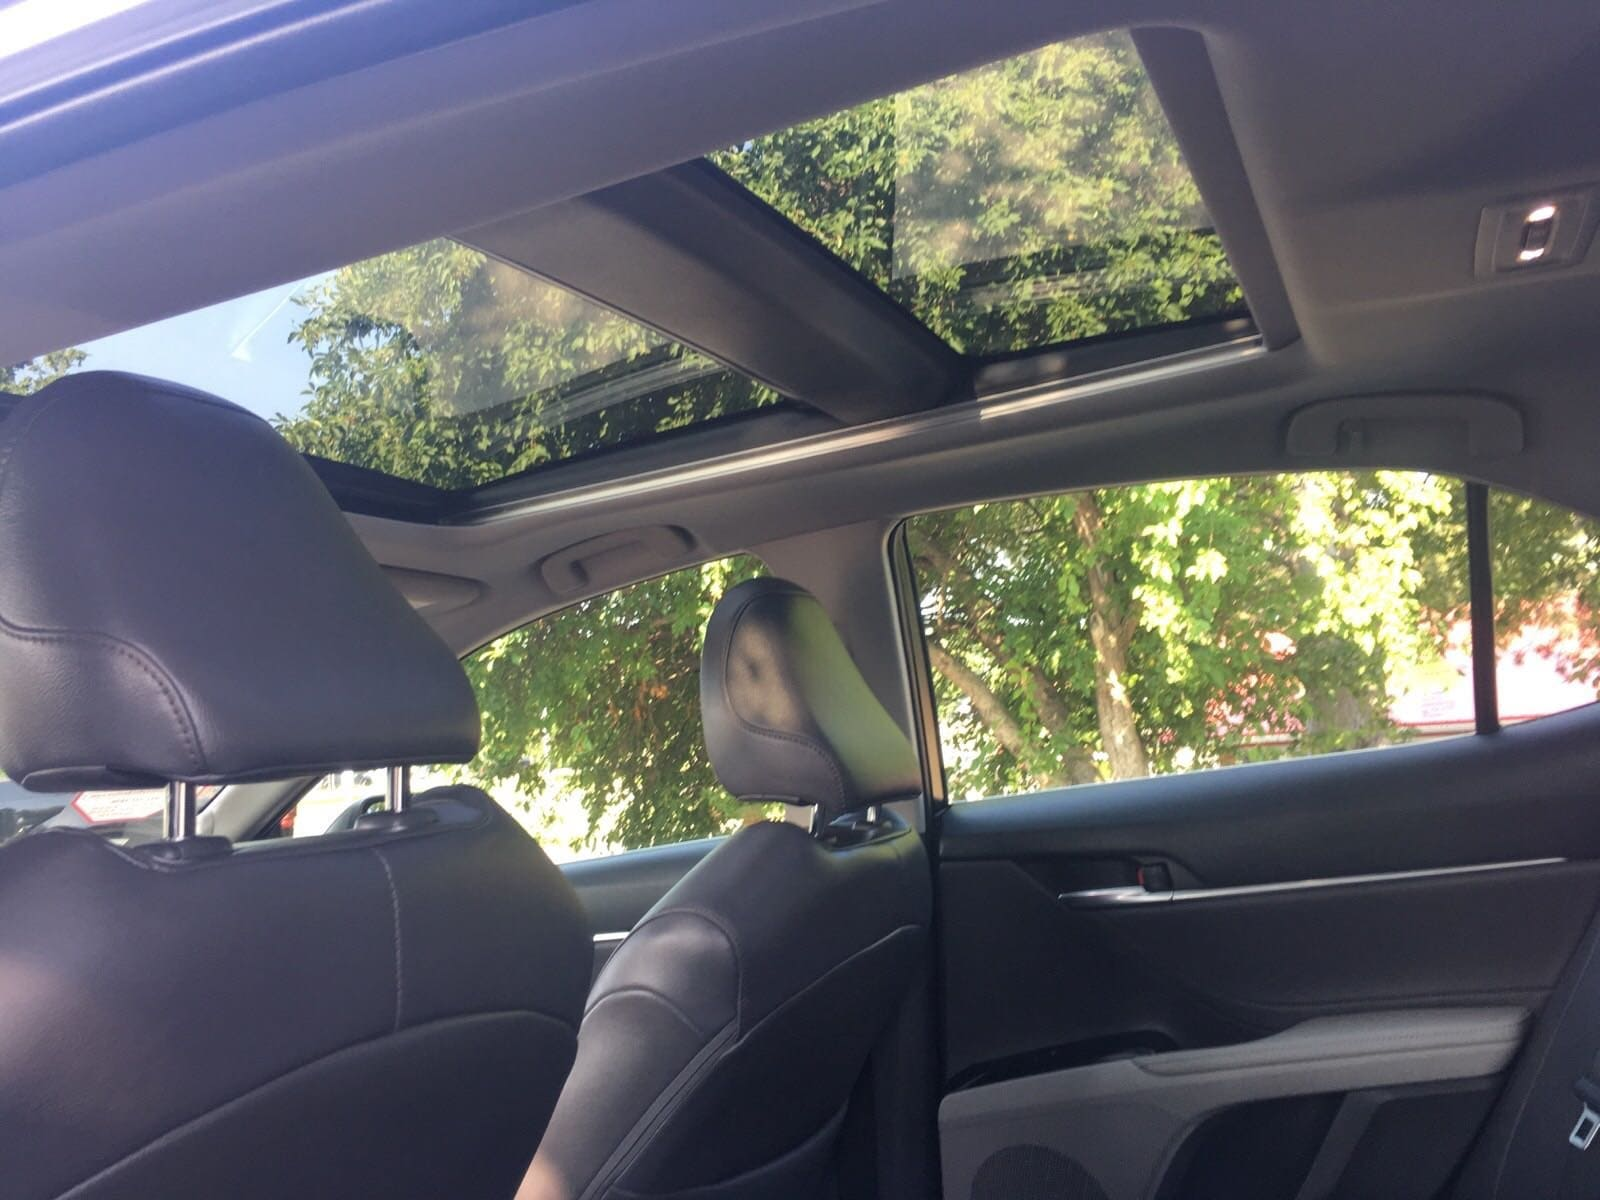 Used 2018 Toyota Camry For Sale   Okemos MI   4T1BZ1HK7JU003610